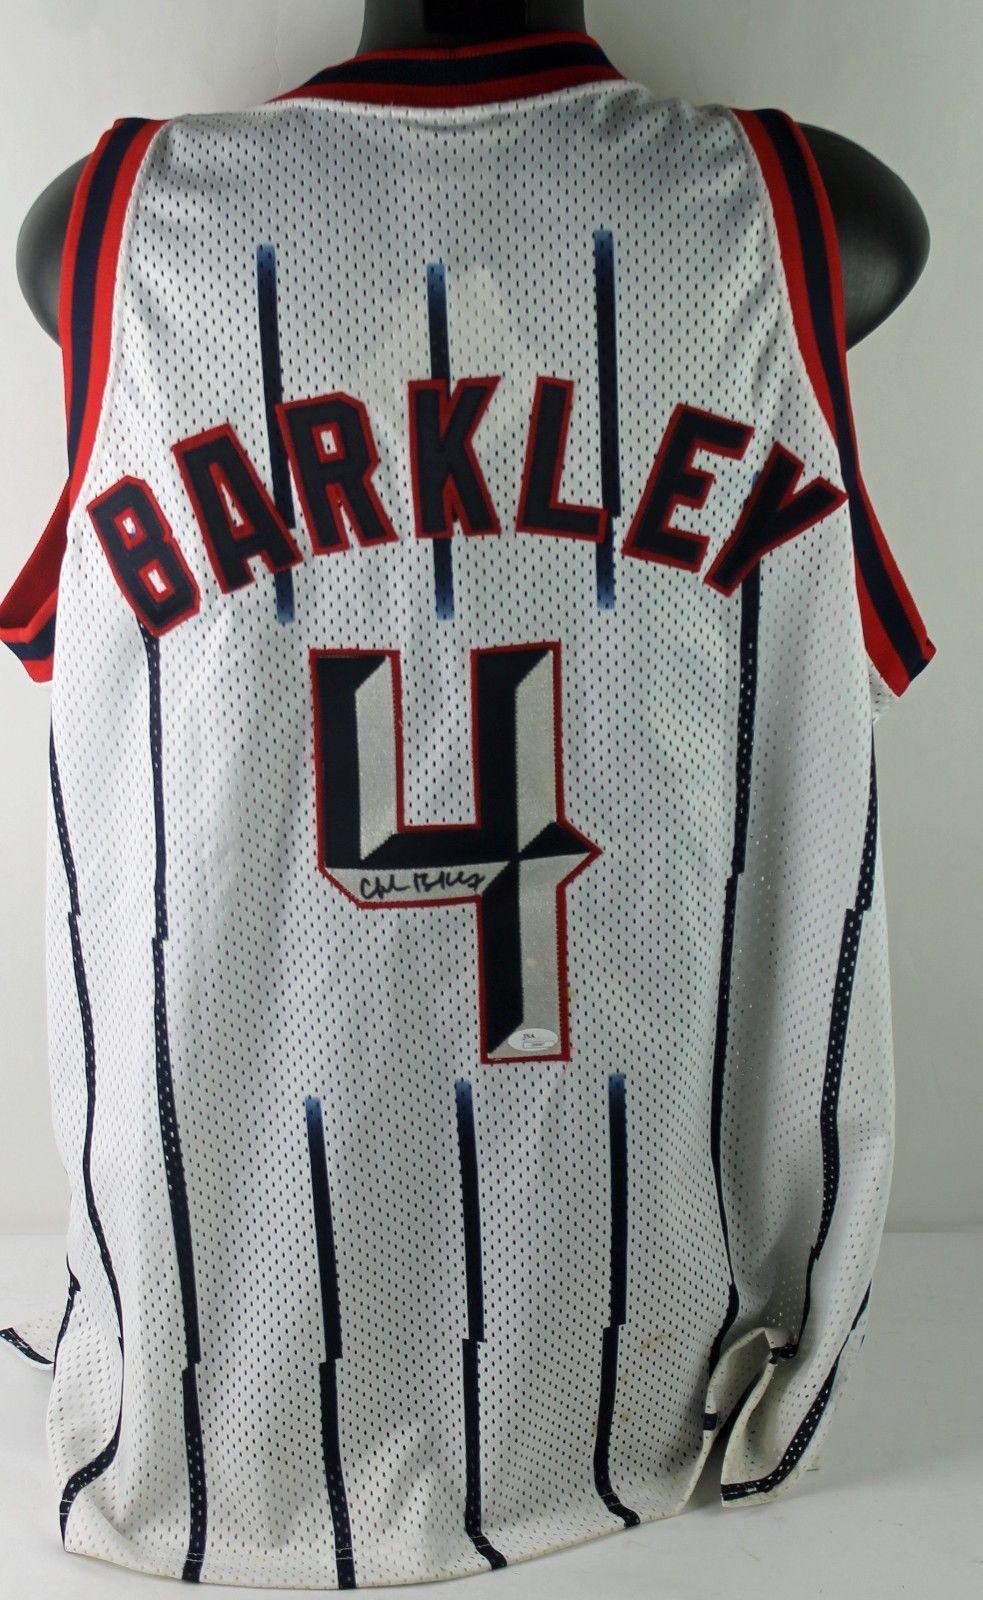 e51c4602c Lot Detail - Charles Barkley Signed Pro-Style Rockets Jersey (JSA)